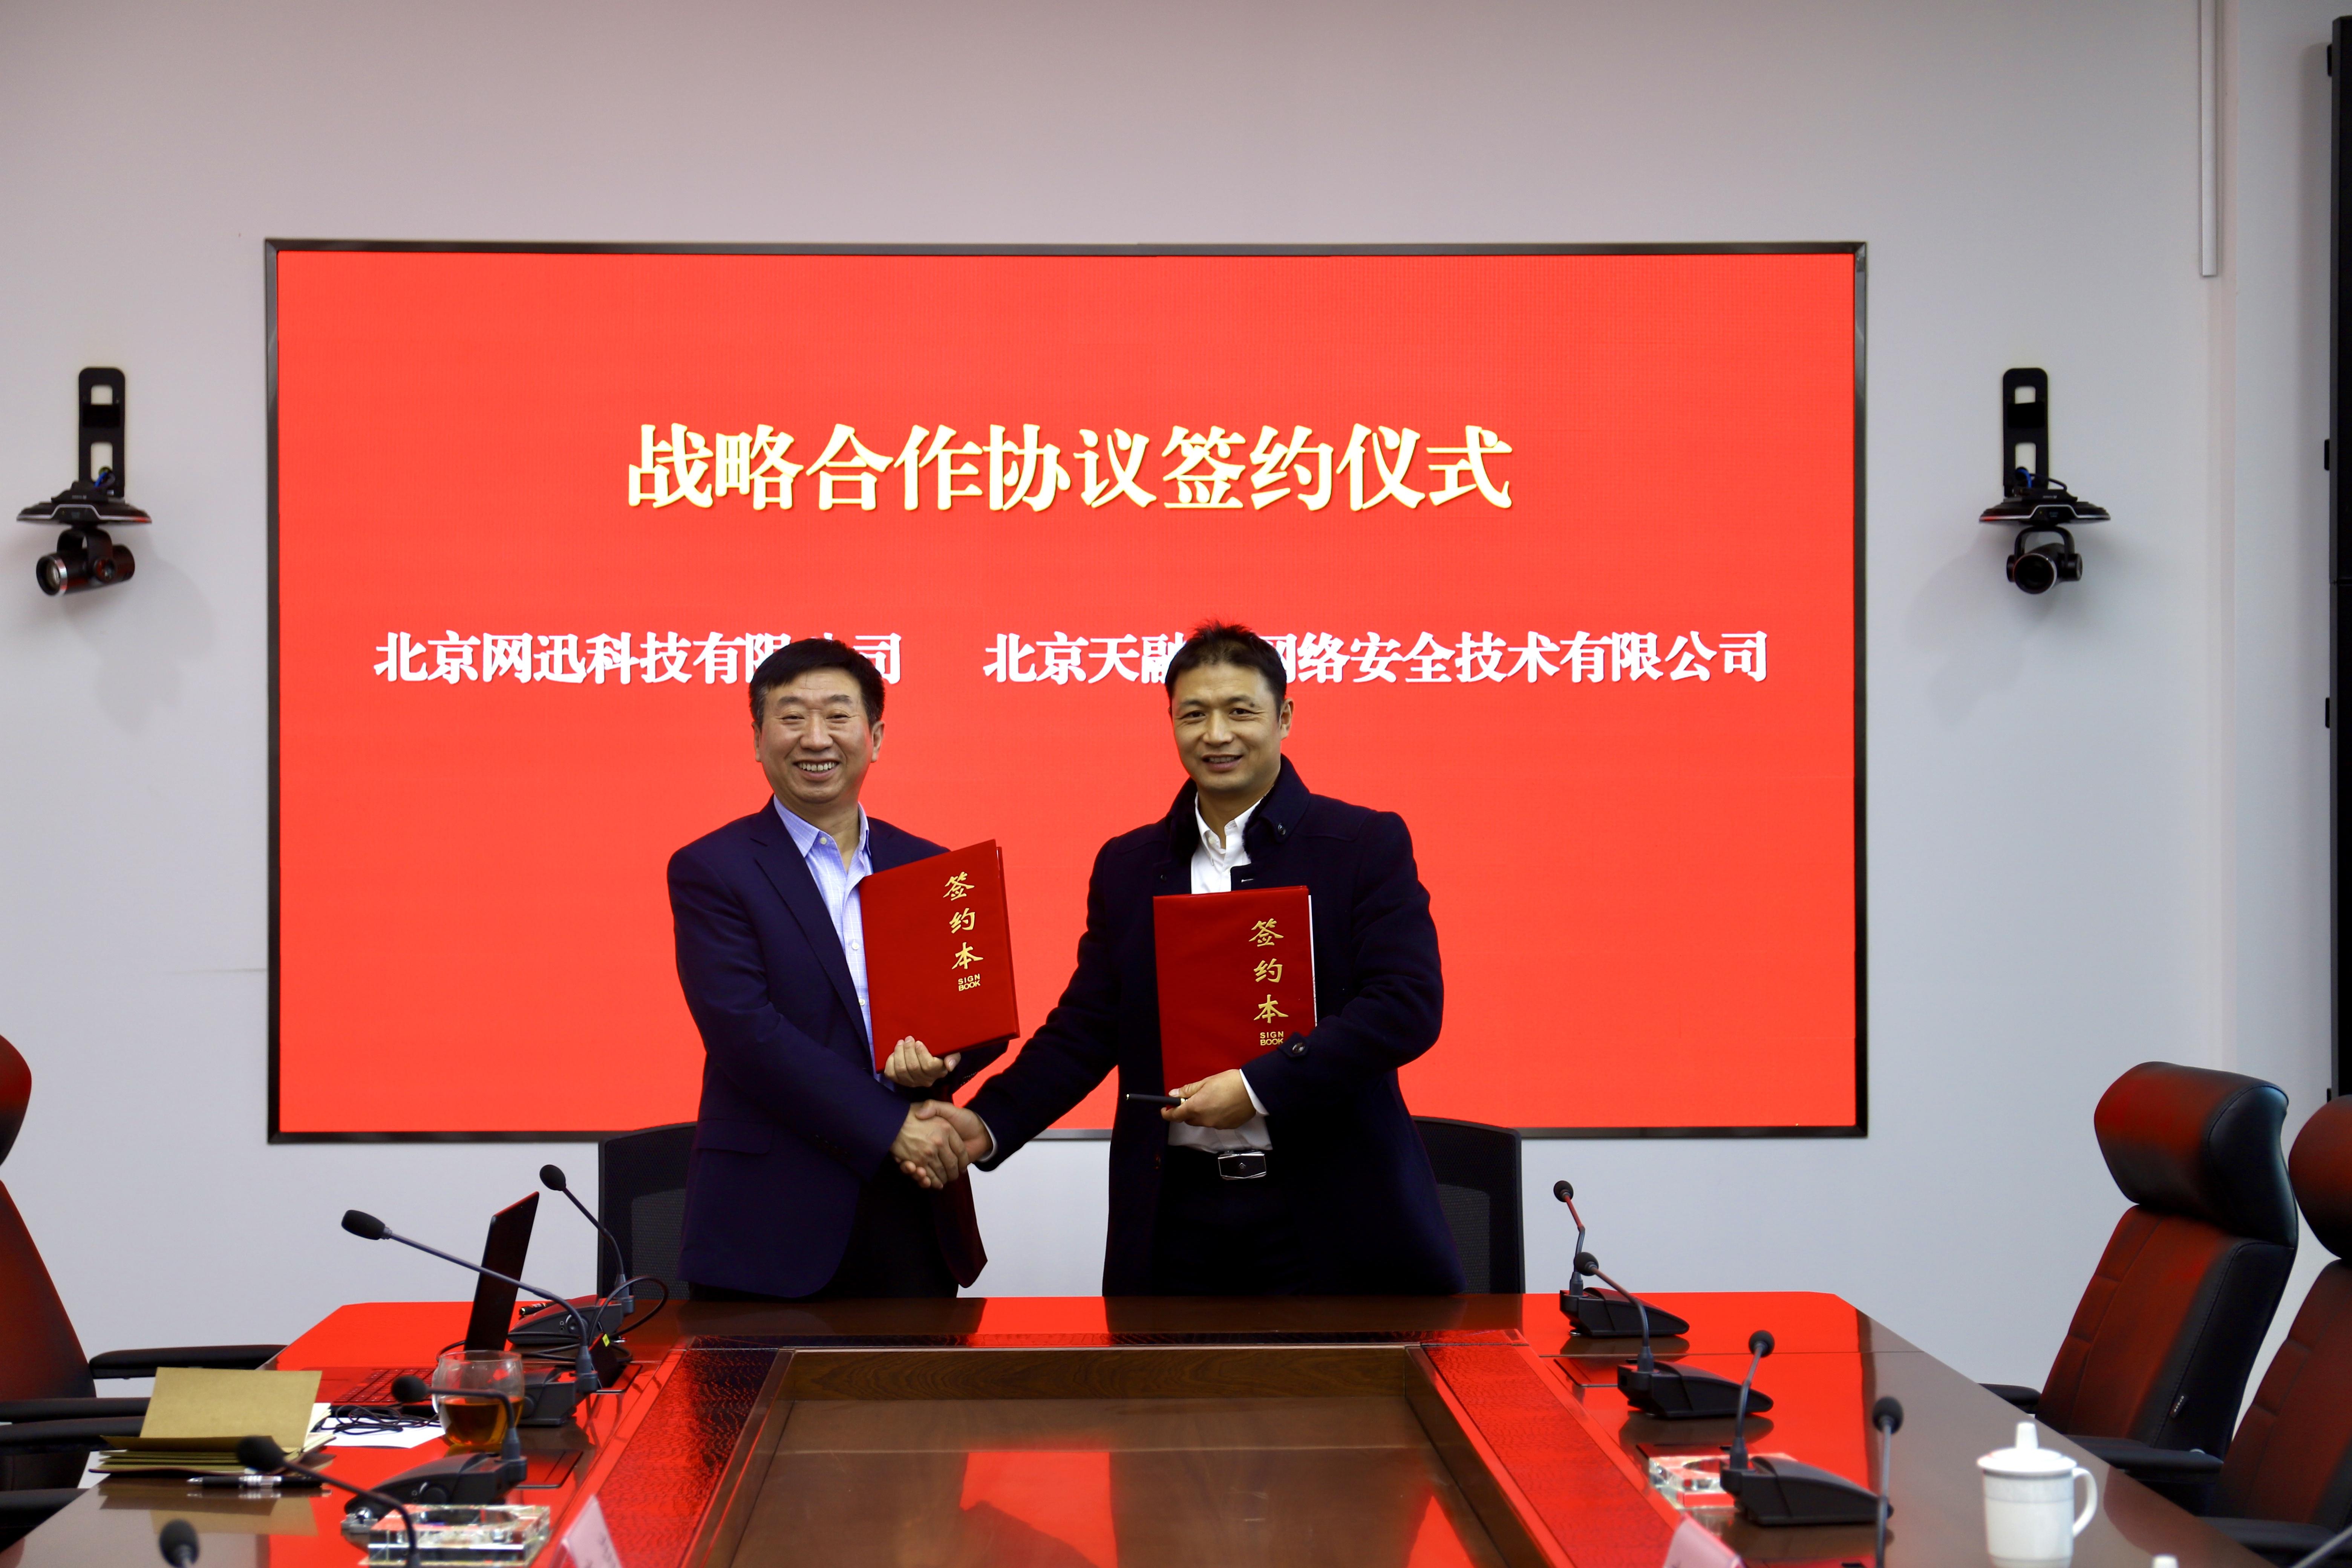 携手共进网络安全的国产化新时代 ——网迅科技与天融信签订战略合作协议